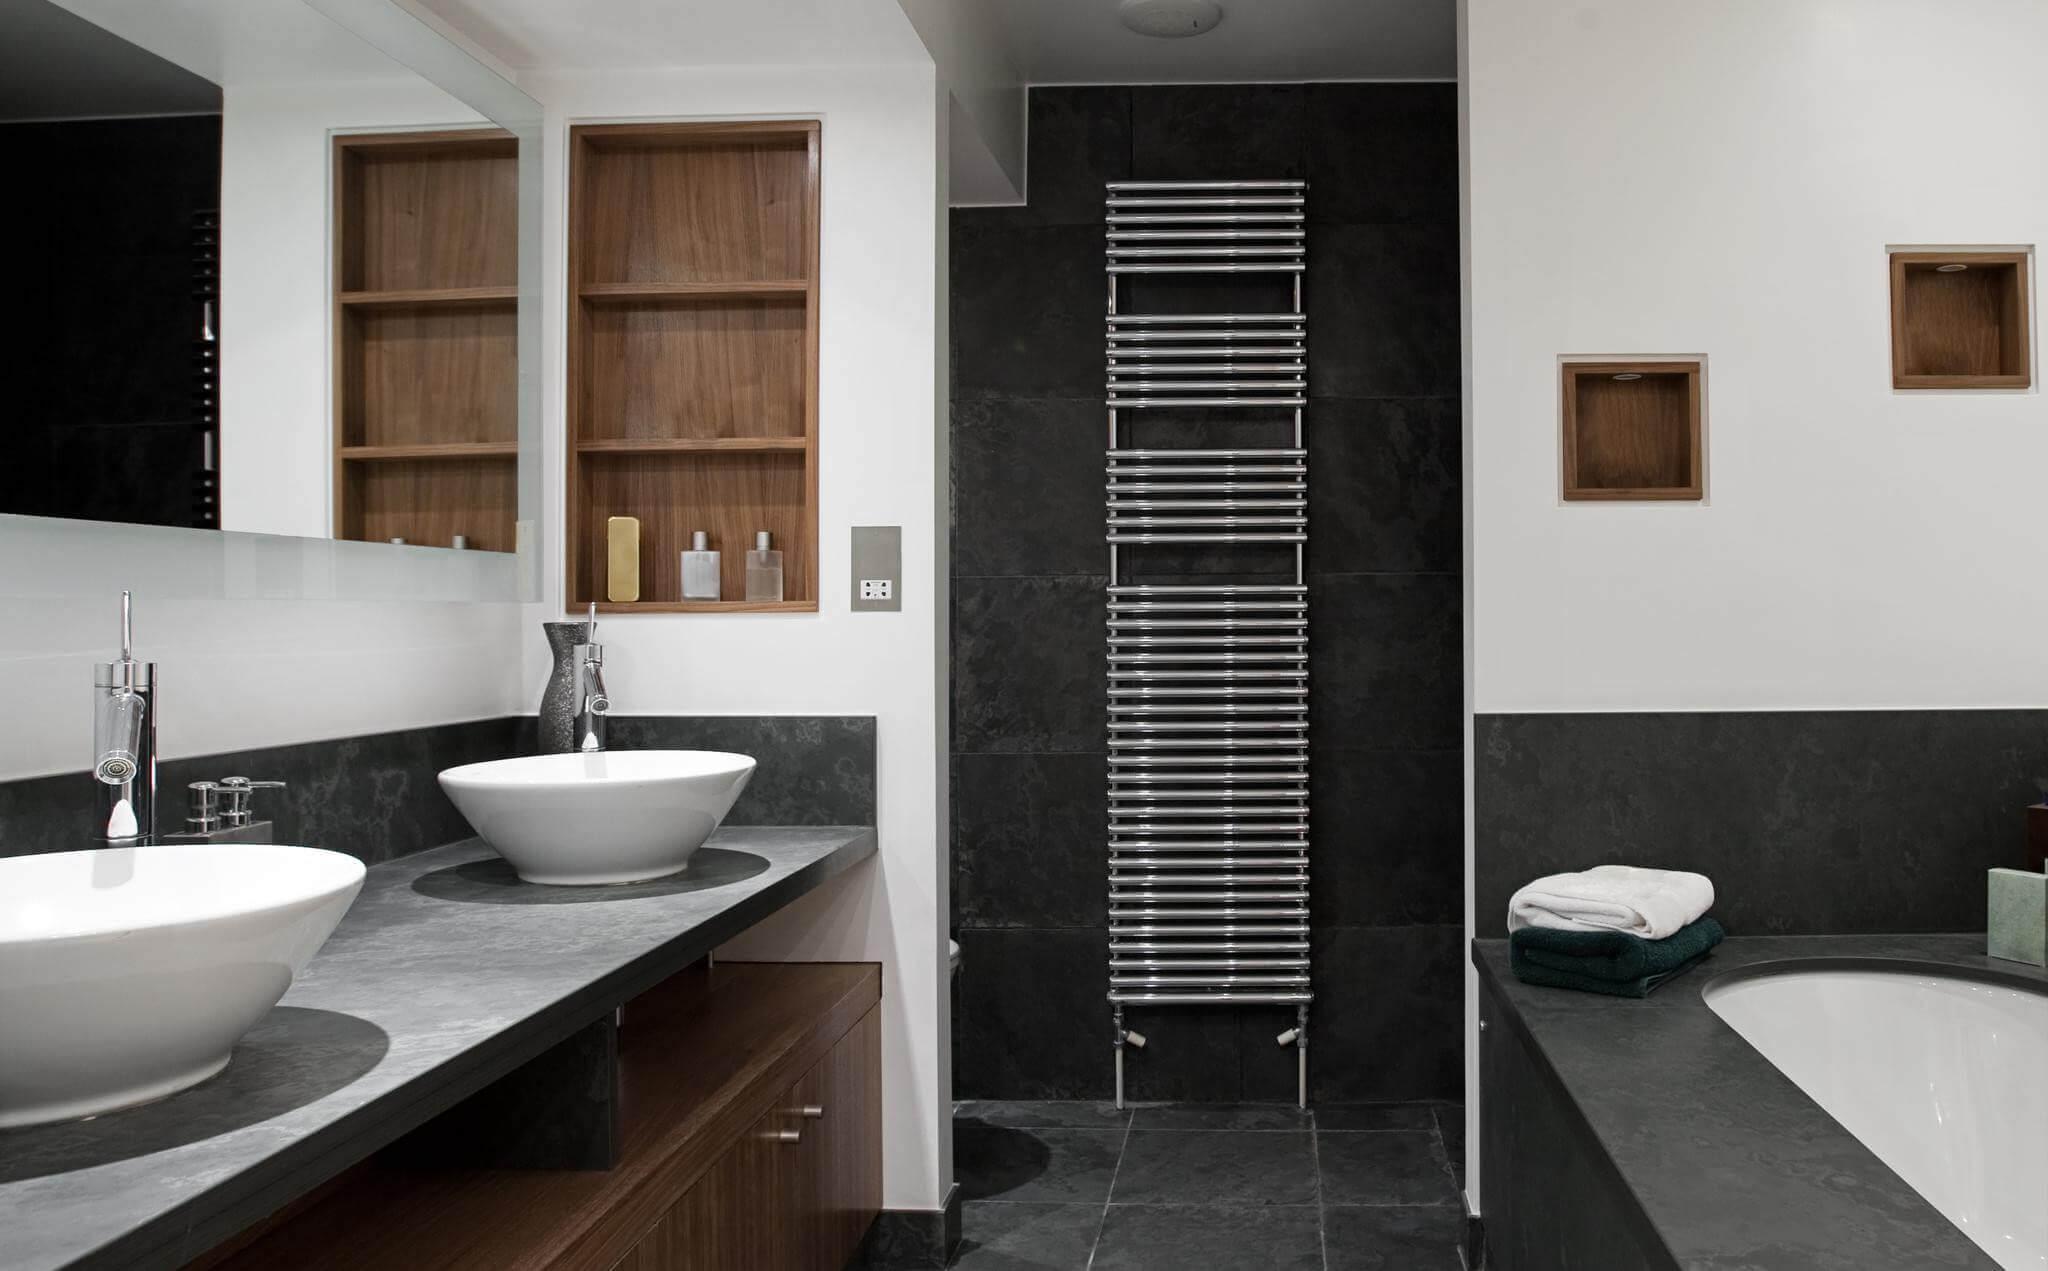 Les tendances 2016 dans la salle de bain conseils et photos for Salle de bain tendance 2016